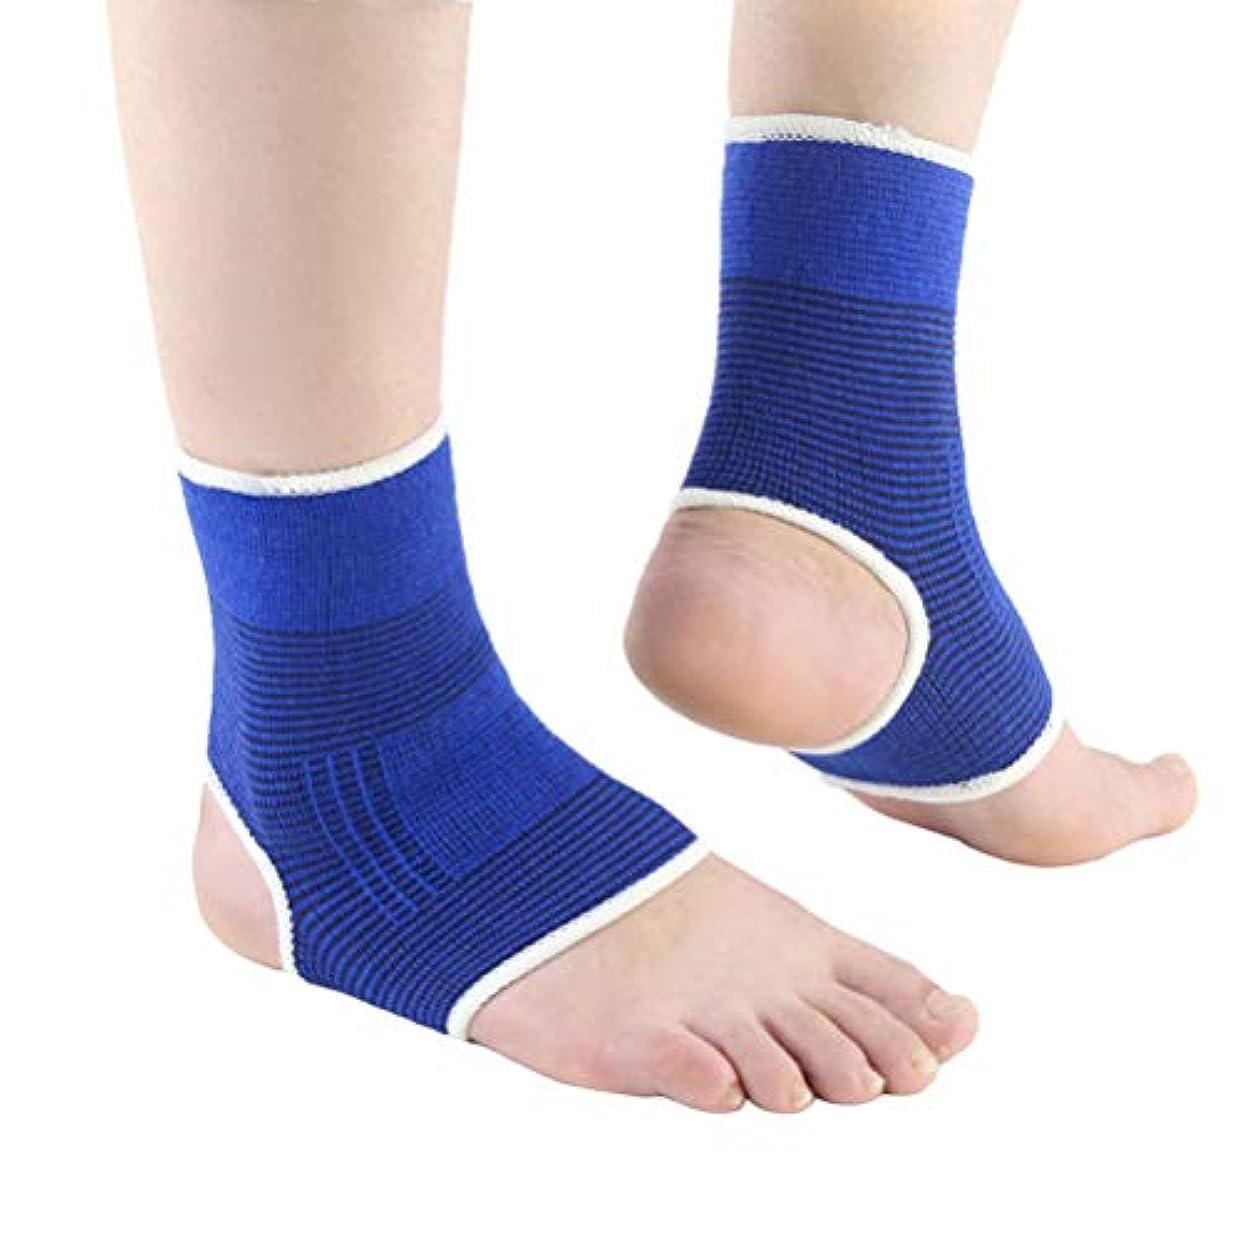 我慢する対処する老人バスケットボールサッカーフィットネスを実行しているスポーツのための健康スポーツ足首ブレースサポート調整可能なラップ